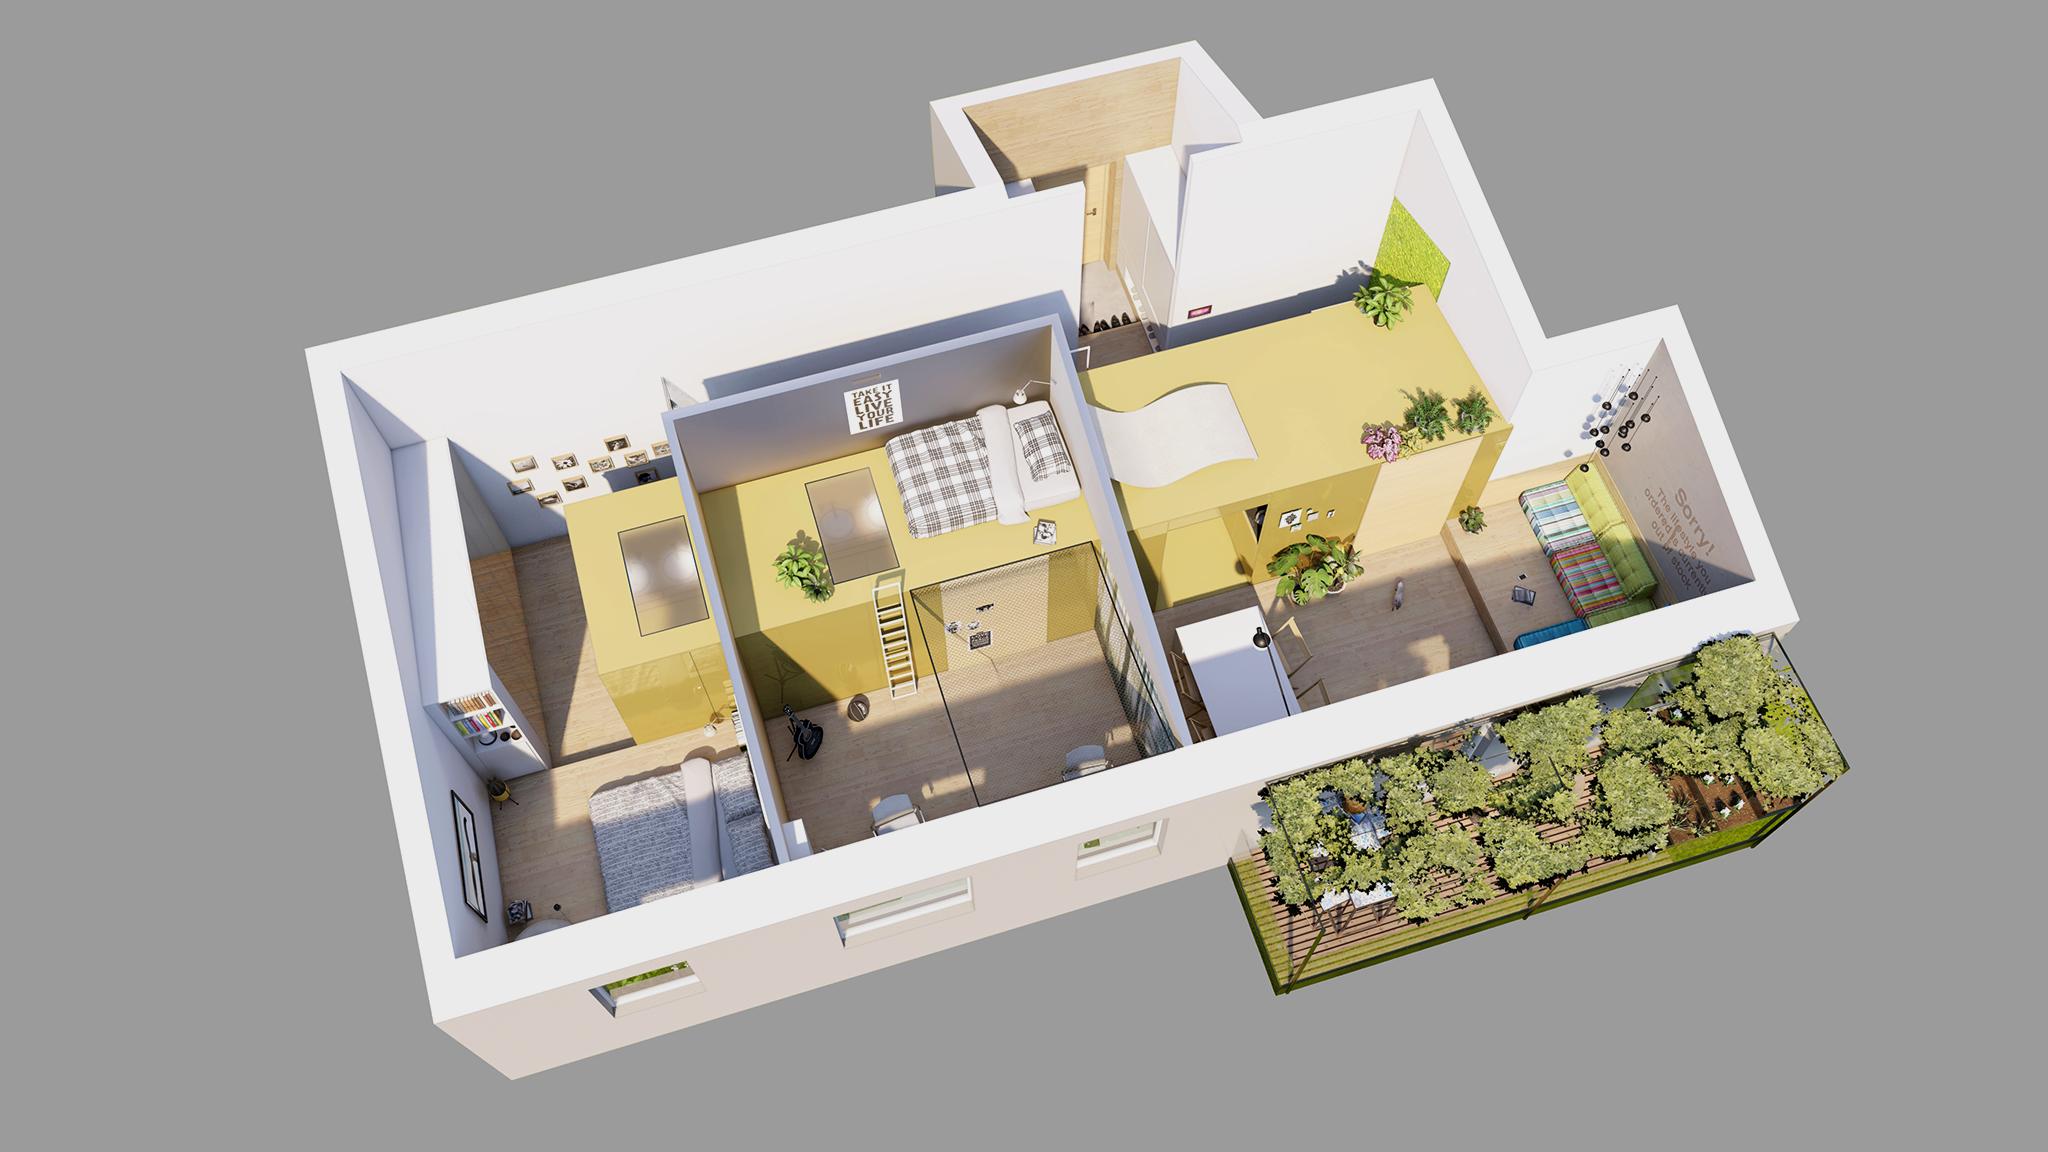 Studio progettazione interni a Trento